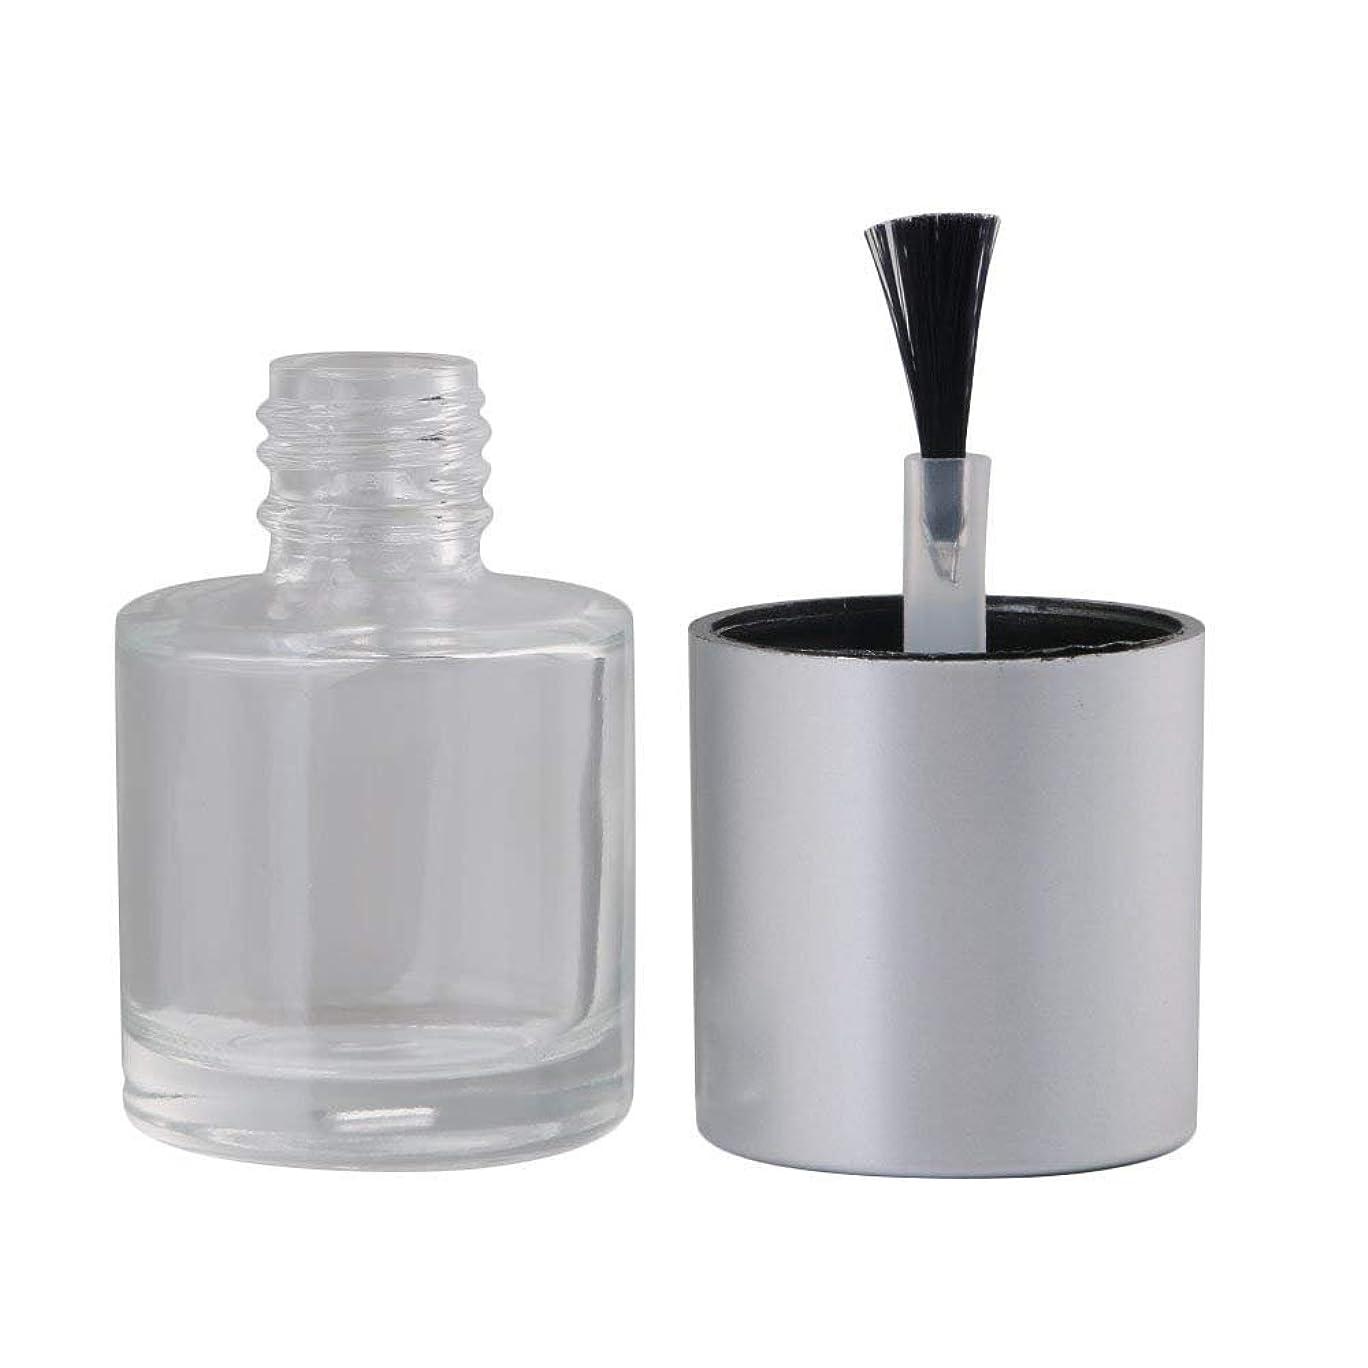 グレートバリアリーフ容赦ない連続したDiystyle 10個入 マニキュアボトル 空ボトル 10ml 小分けボトル 詰め替え 化粧品収納 旅行用品 ガラス グレー